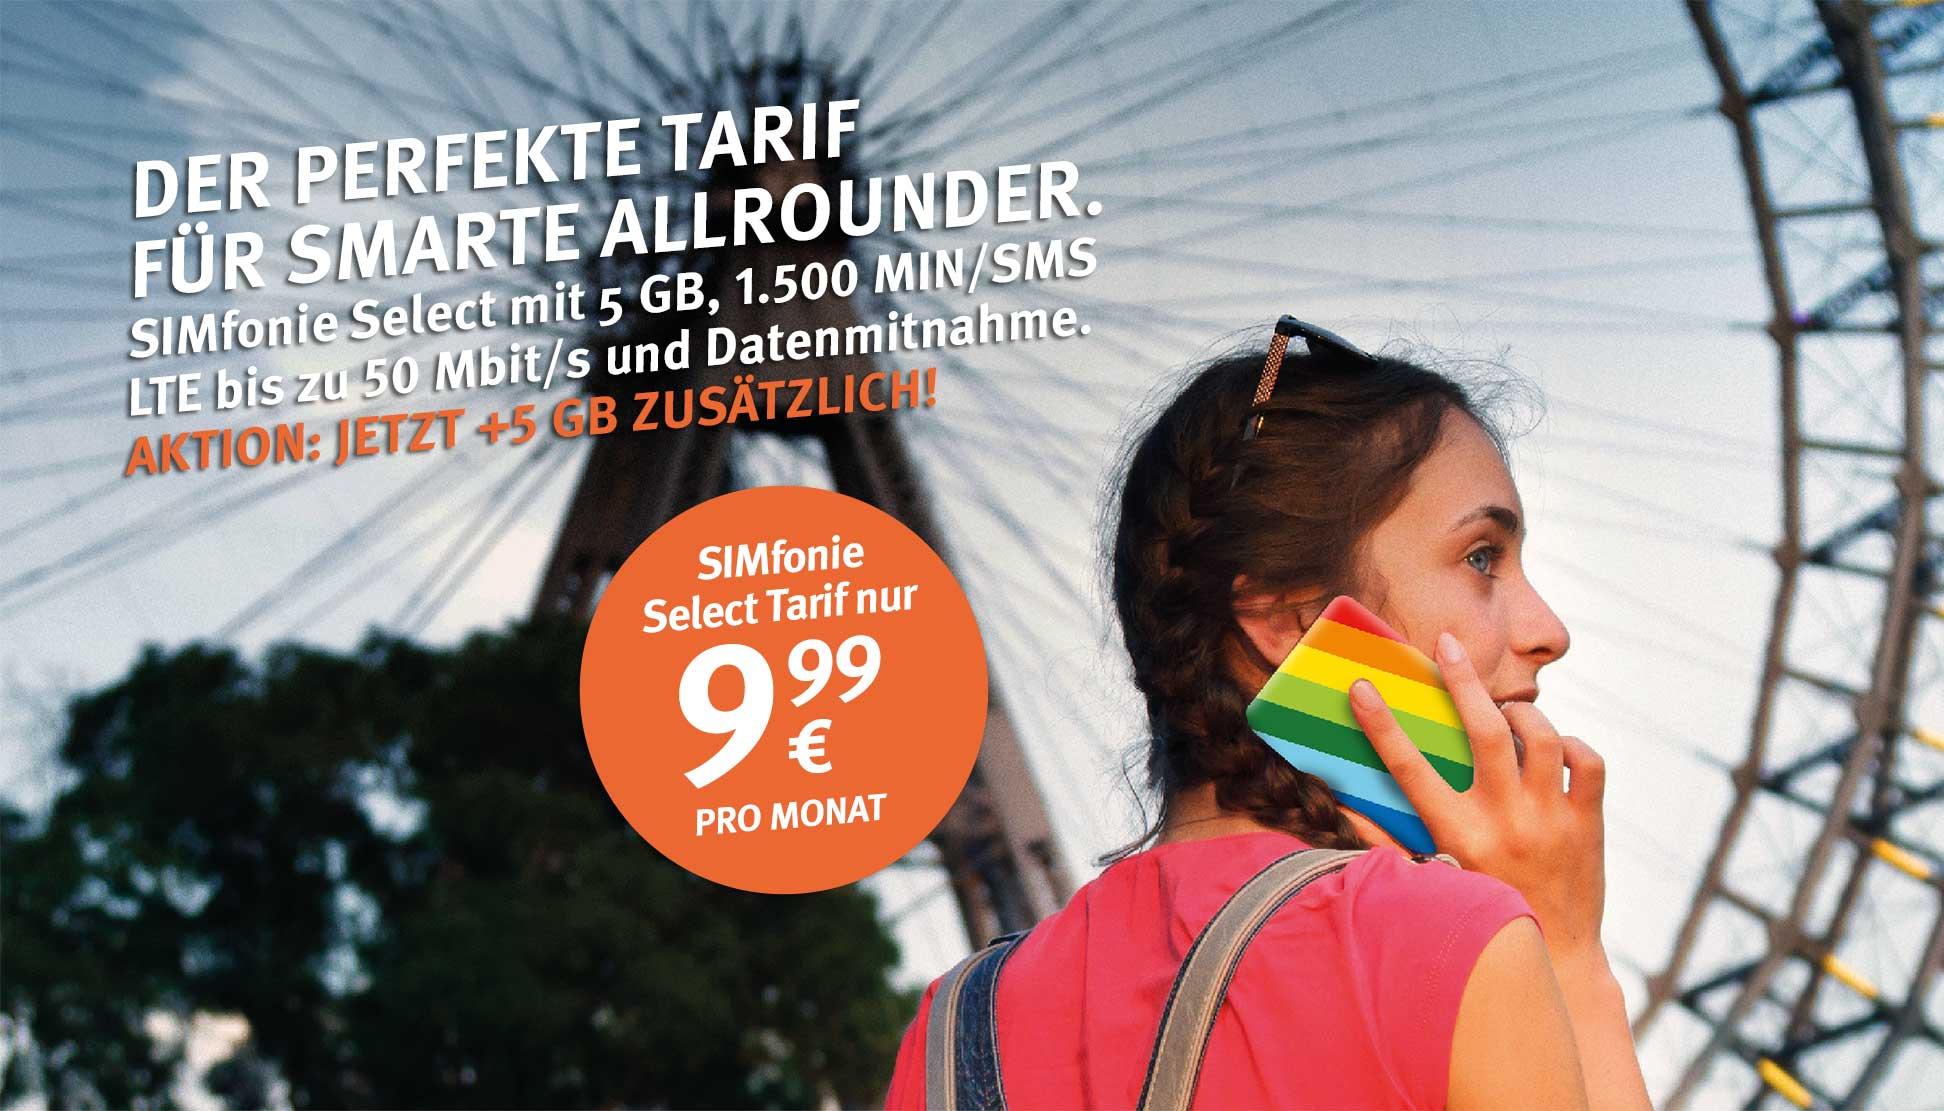 Der perfekte Tarif für smarte Allrounder - SIMfonie Select Tarif nur € 9,99 pro Monat